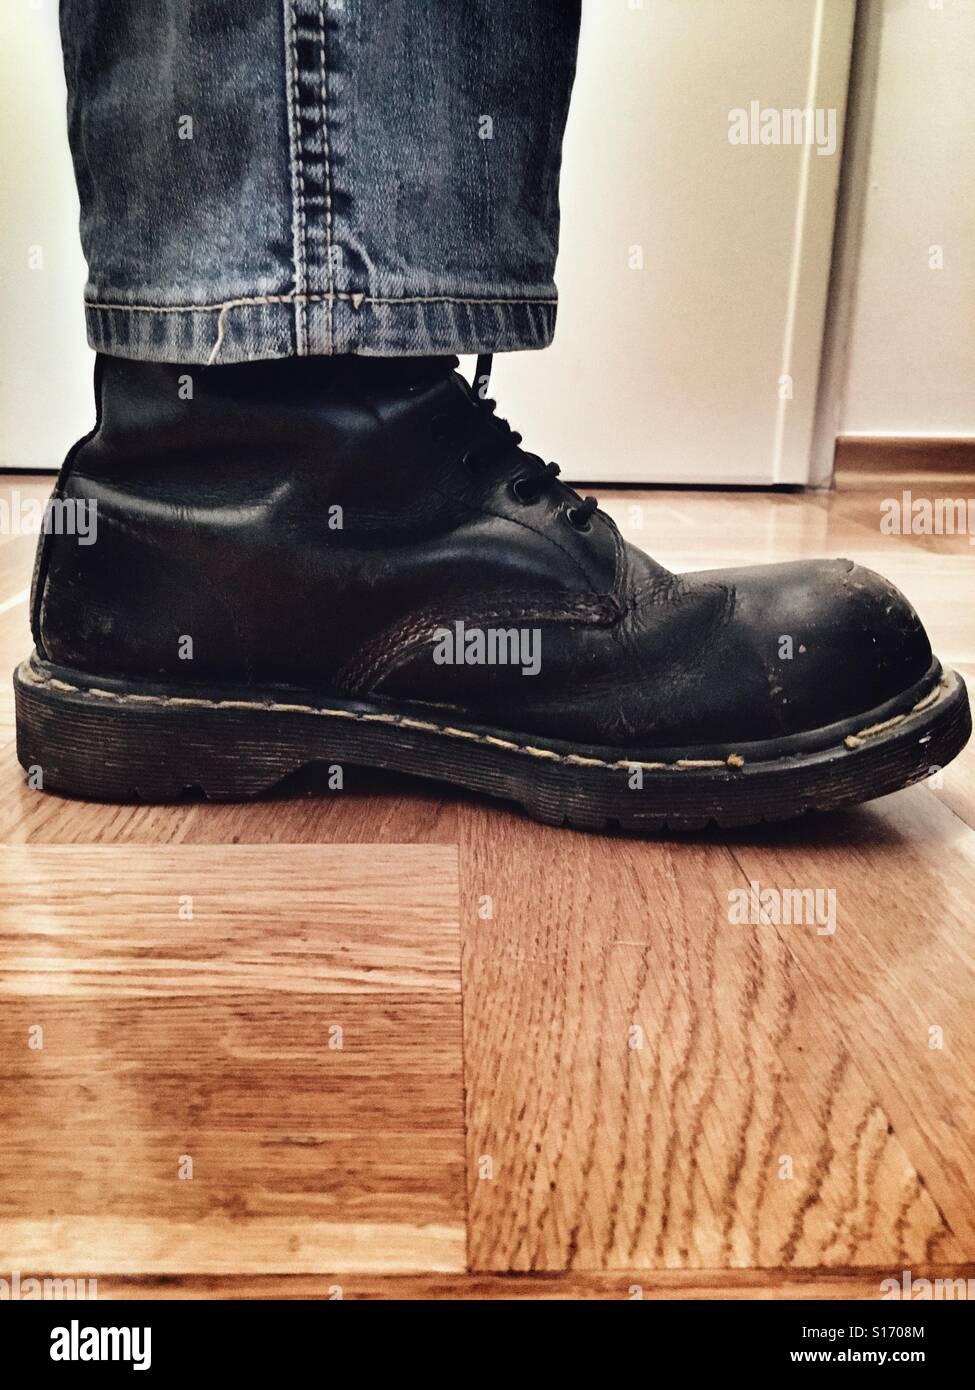 Closeup of man's boot. - Stock Image